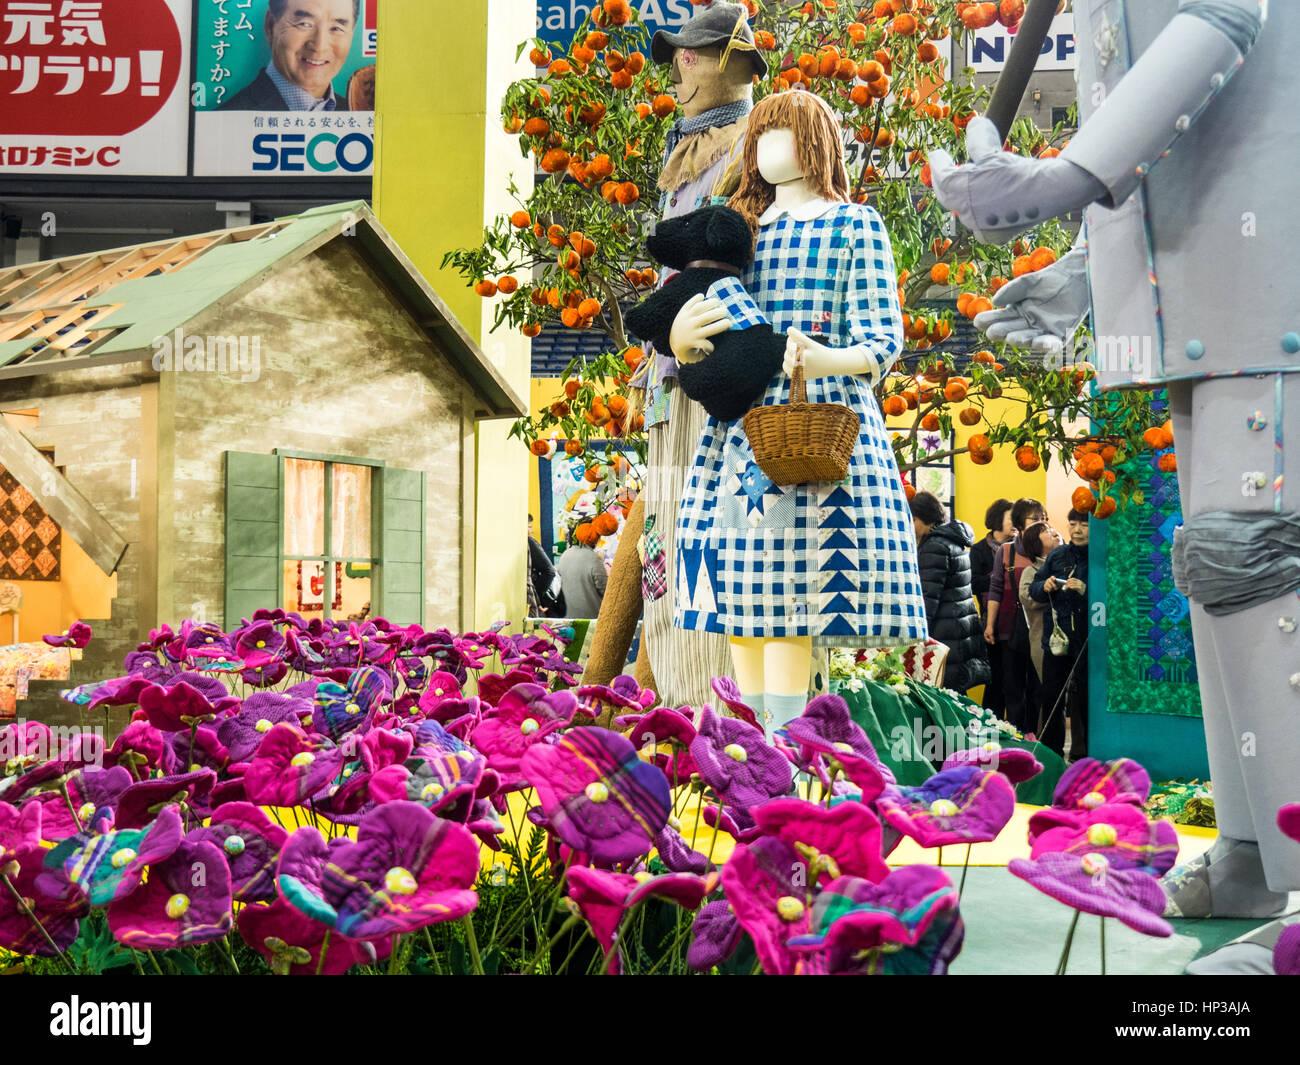 Wonderful Wizard Of Oz Imágenes De Stock & Wonderful Wizard Of Oz ...